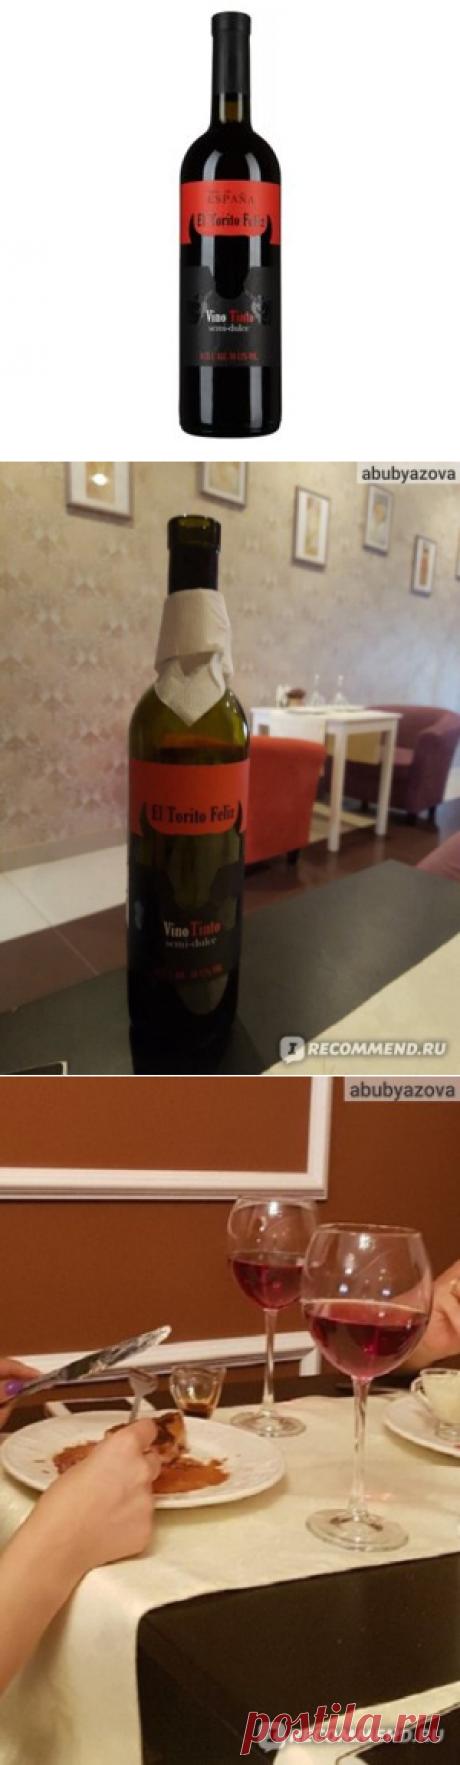 Вино красное полусладкое El torito Вино El Torito Feliz (Эль Торито Фелис) столовое полусладкое красное - «Хочу поделиться с вами безумно вкусным и относительно не дорогим вином)»  | Отзывы покупателей